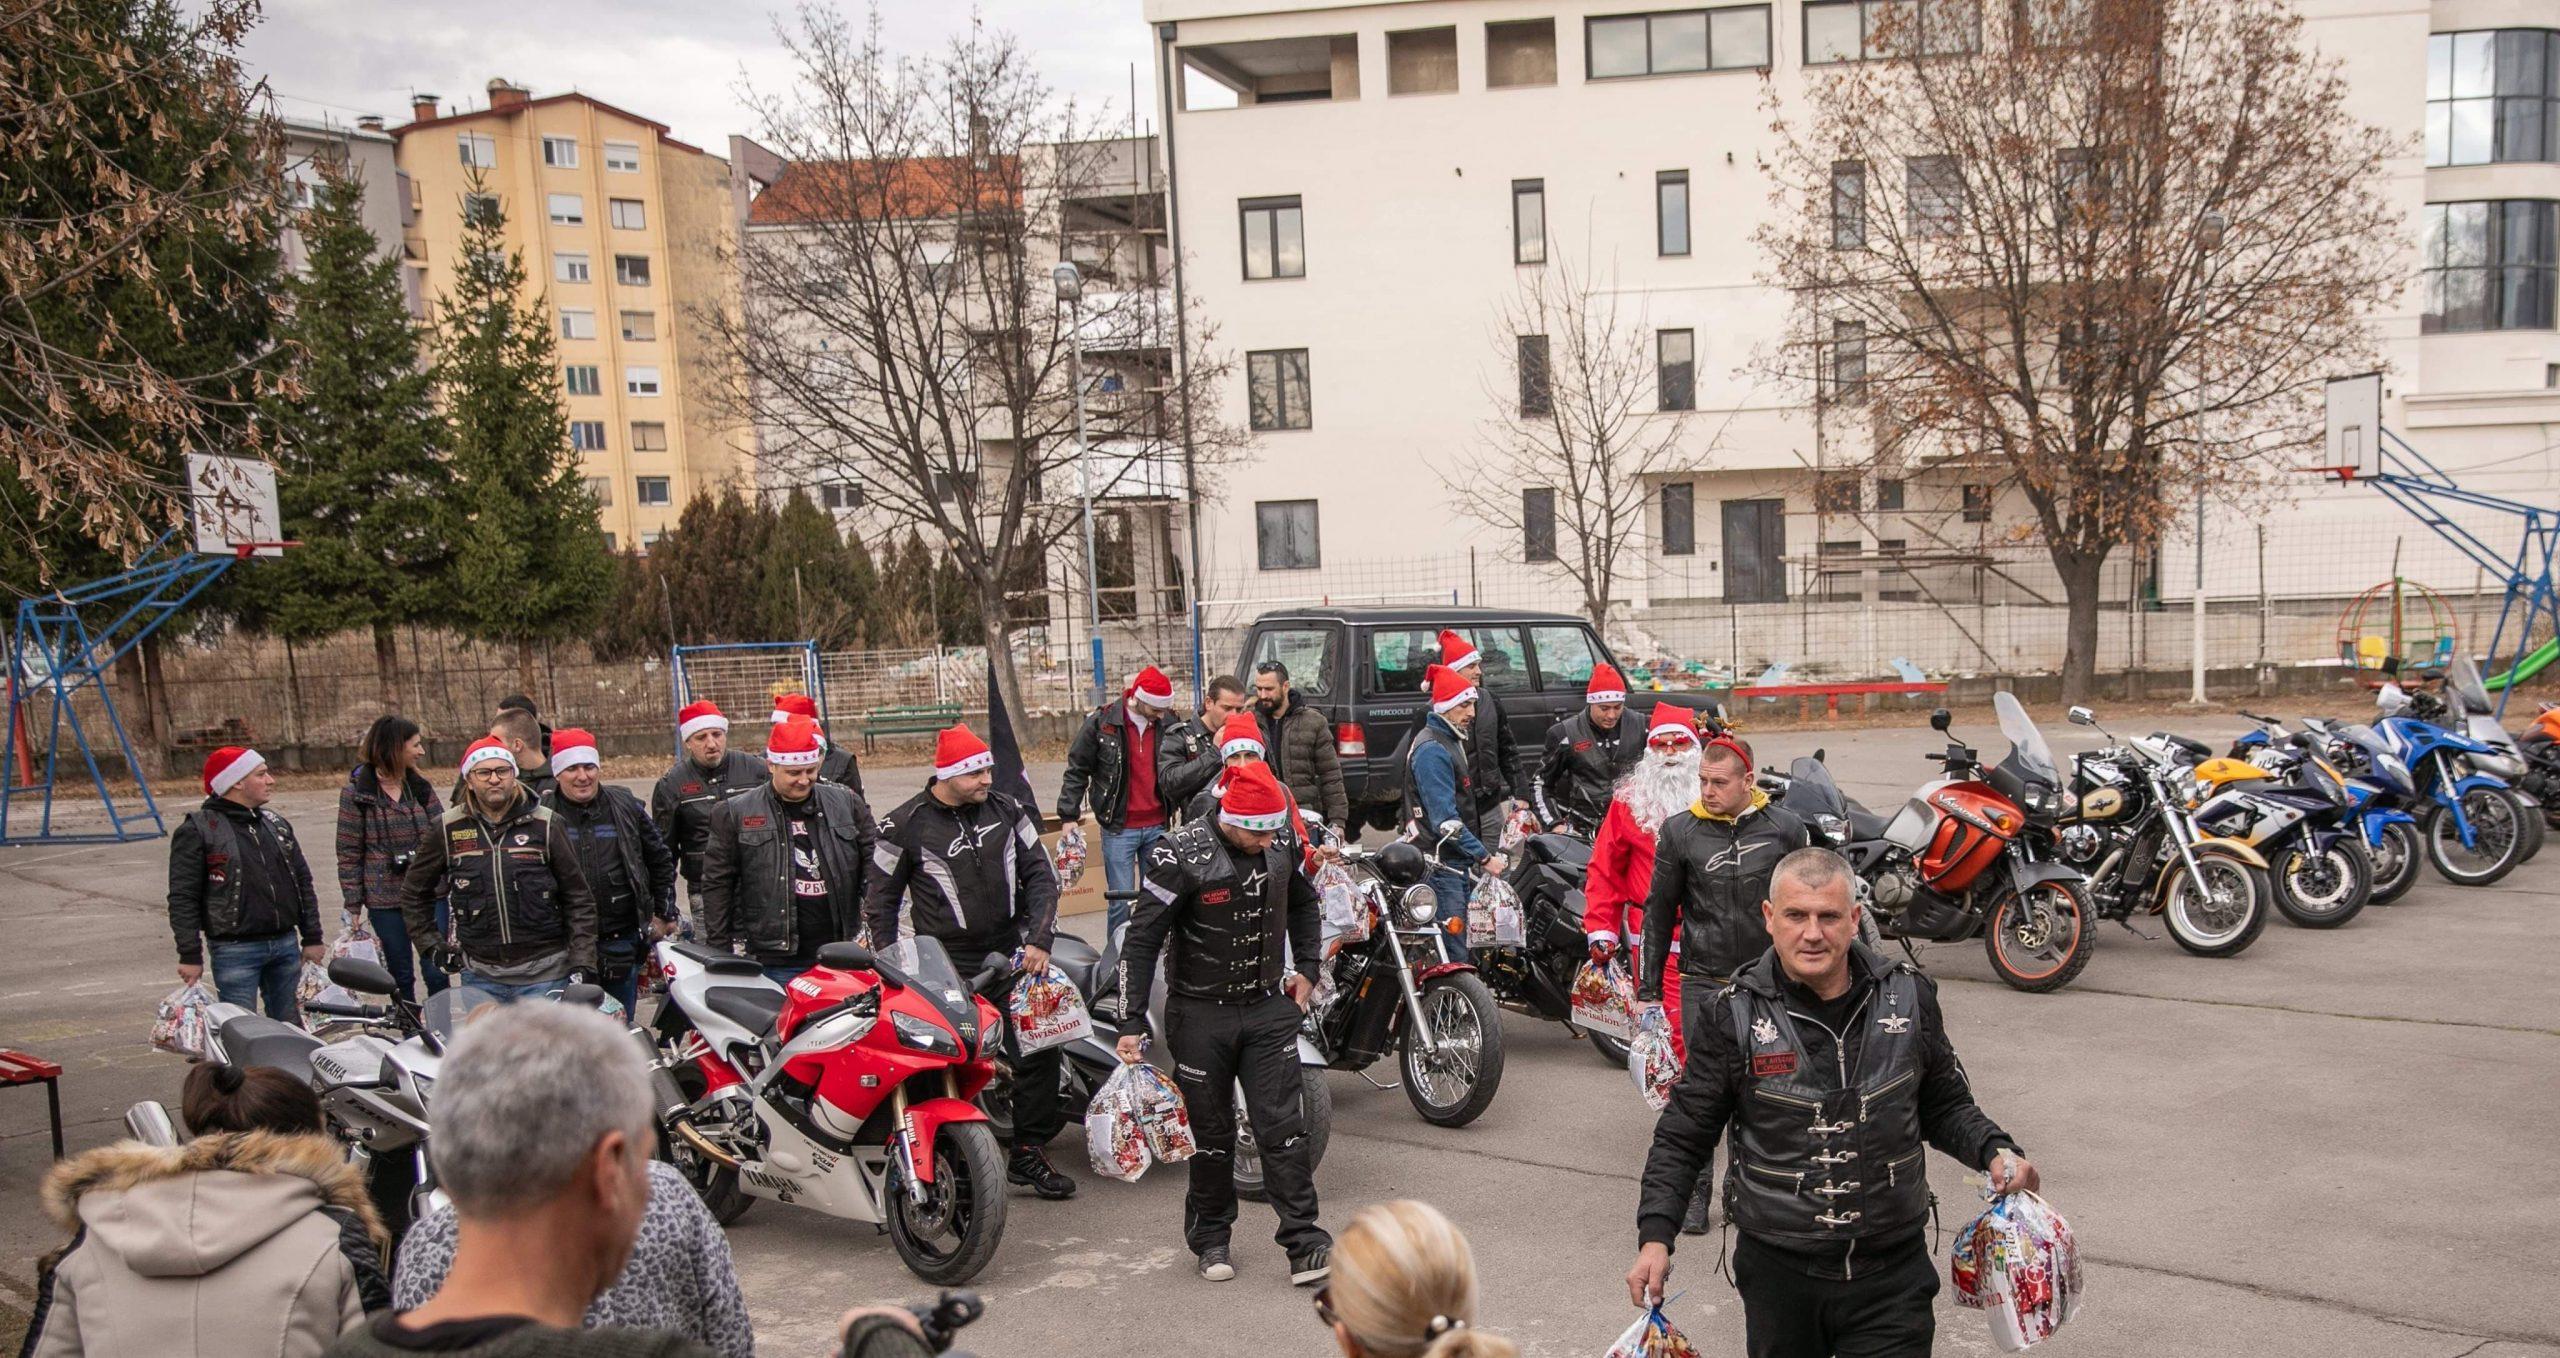 """Photo of Bajkeri iz Moto kluba """"Anđeli"""" obradovali decu iz ŠOSO """"Mladost"""" novogodišnjim paketićima"""